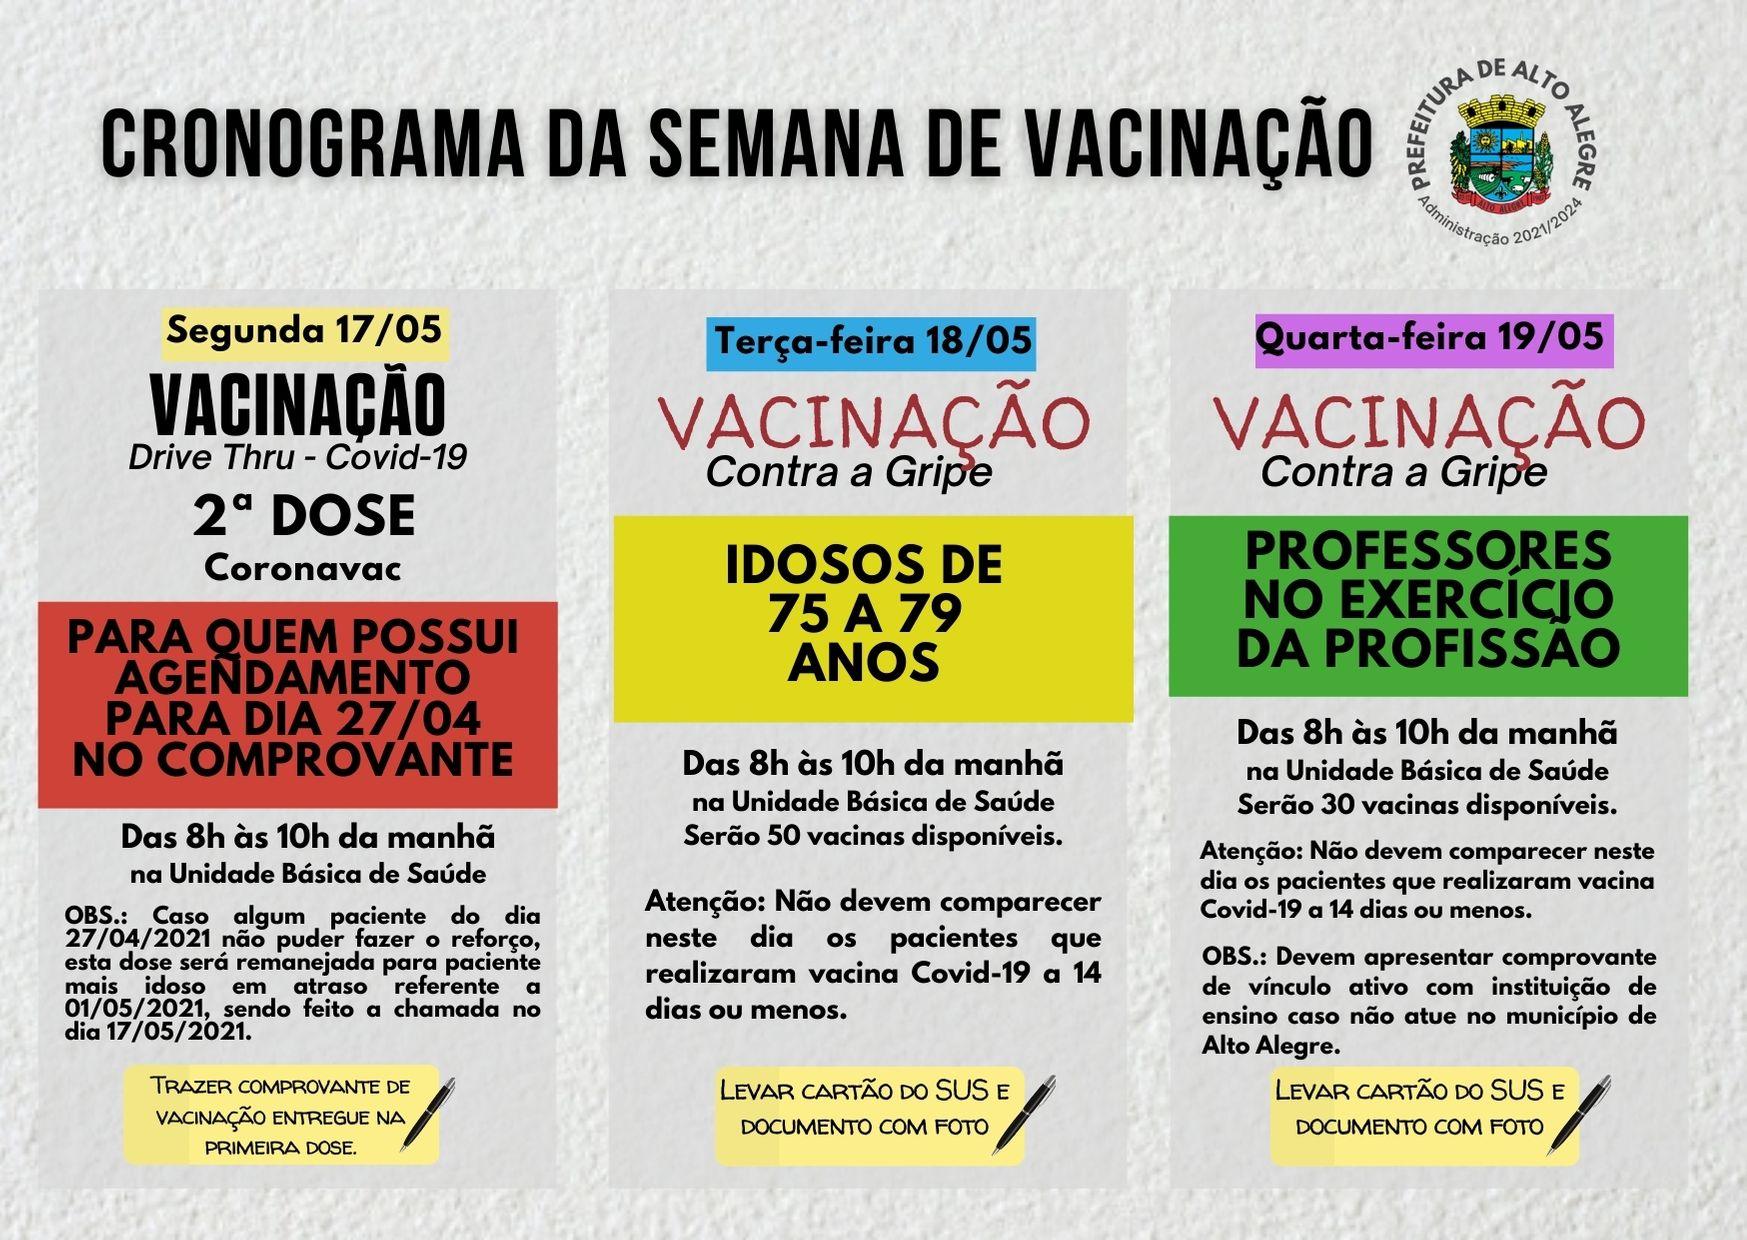 Cronograma de vacinação desta semana em Alto Alegre